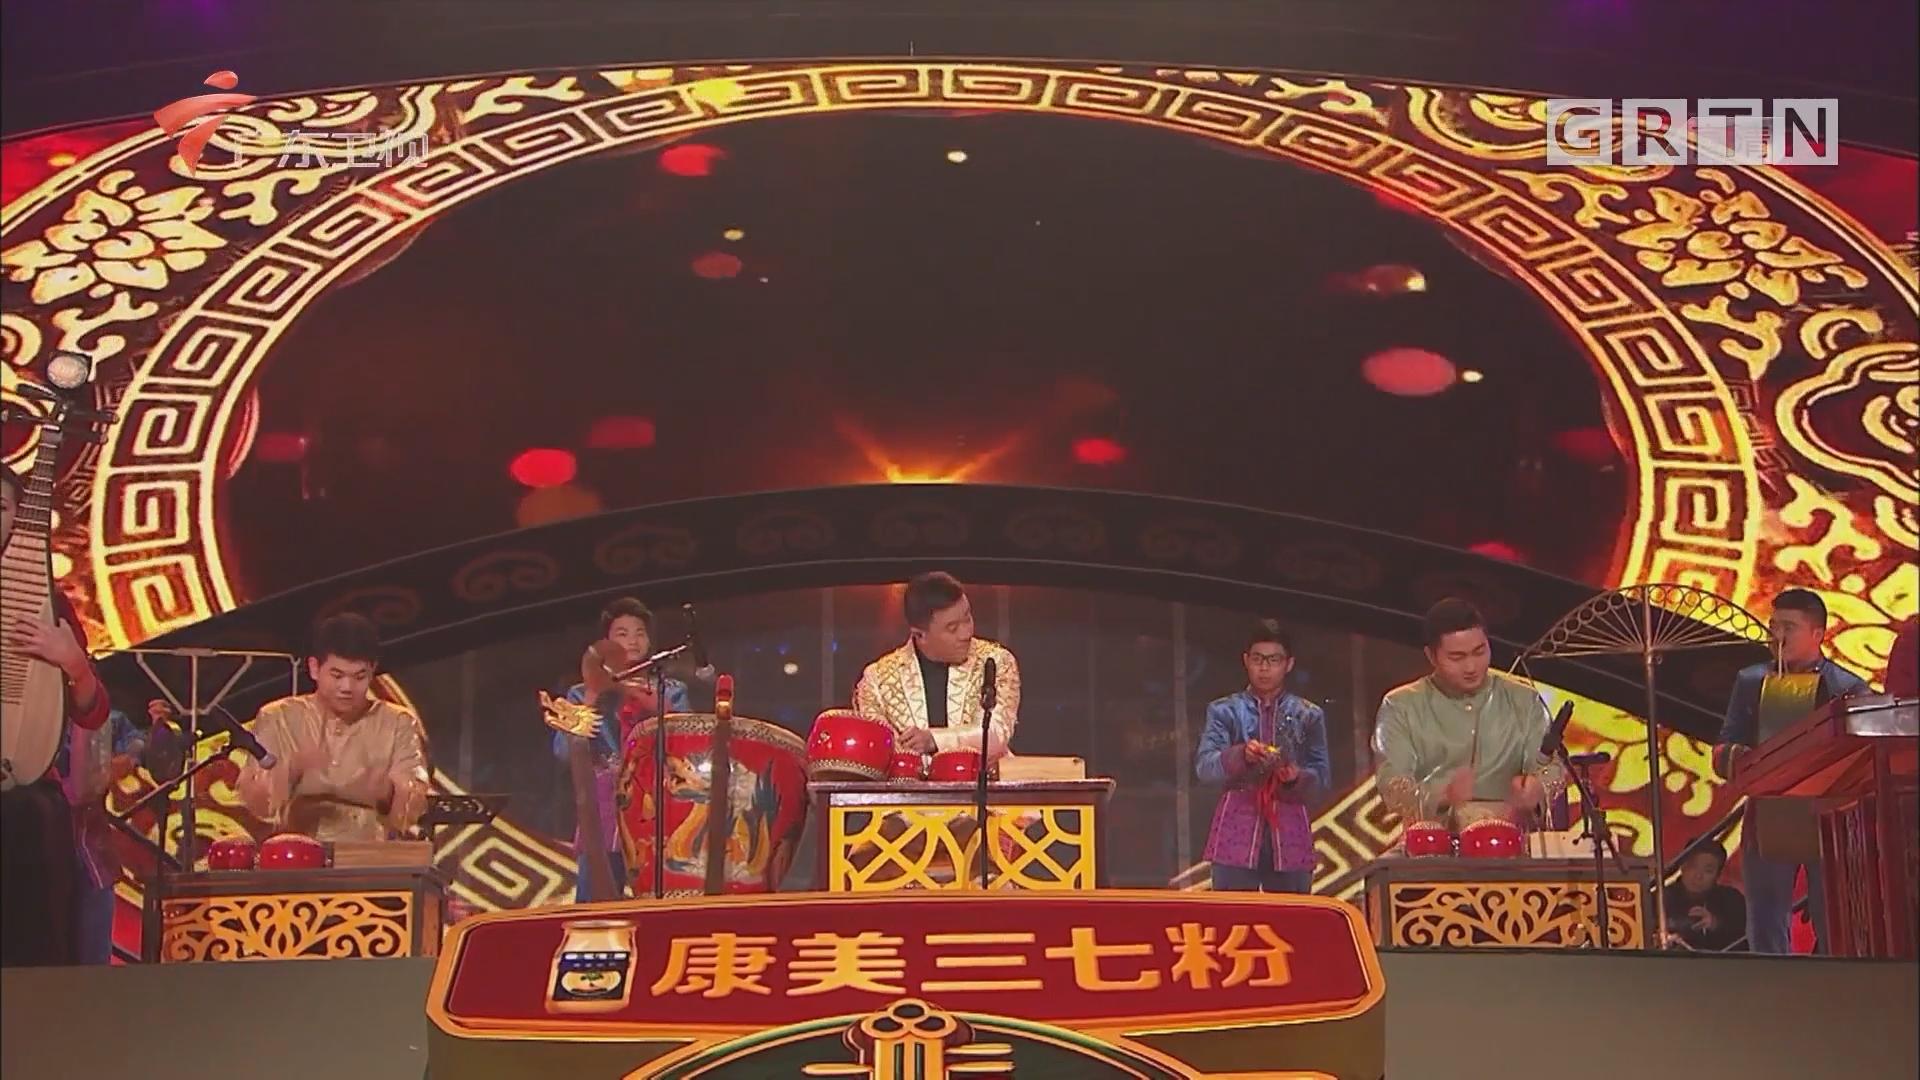 原汁原味潮州音乐 海上城潮乐团敲打激昂《大拜堂》